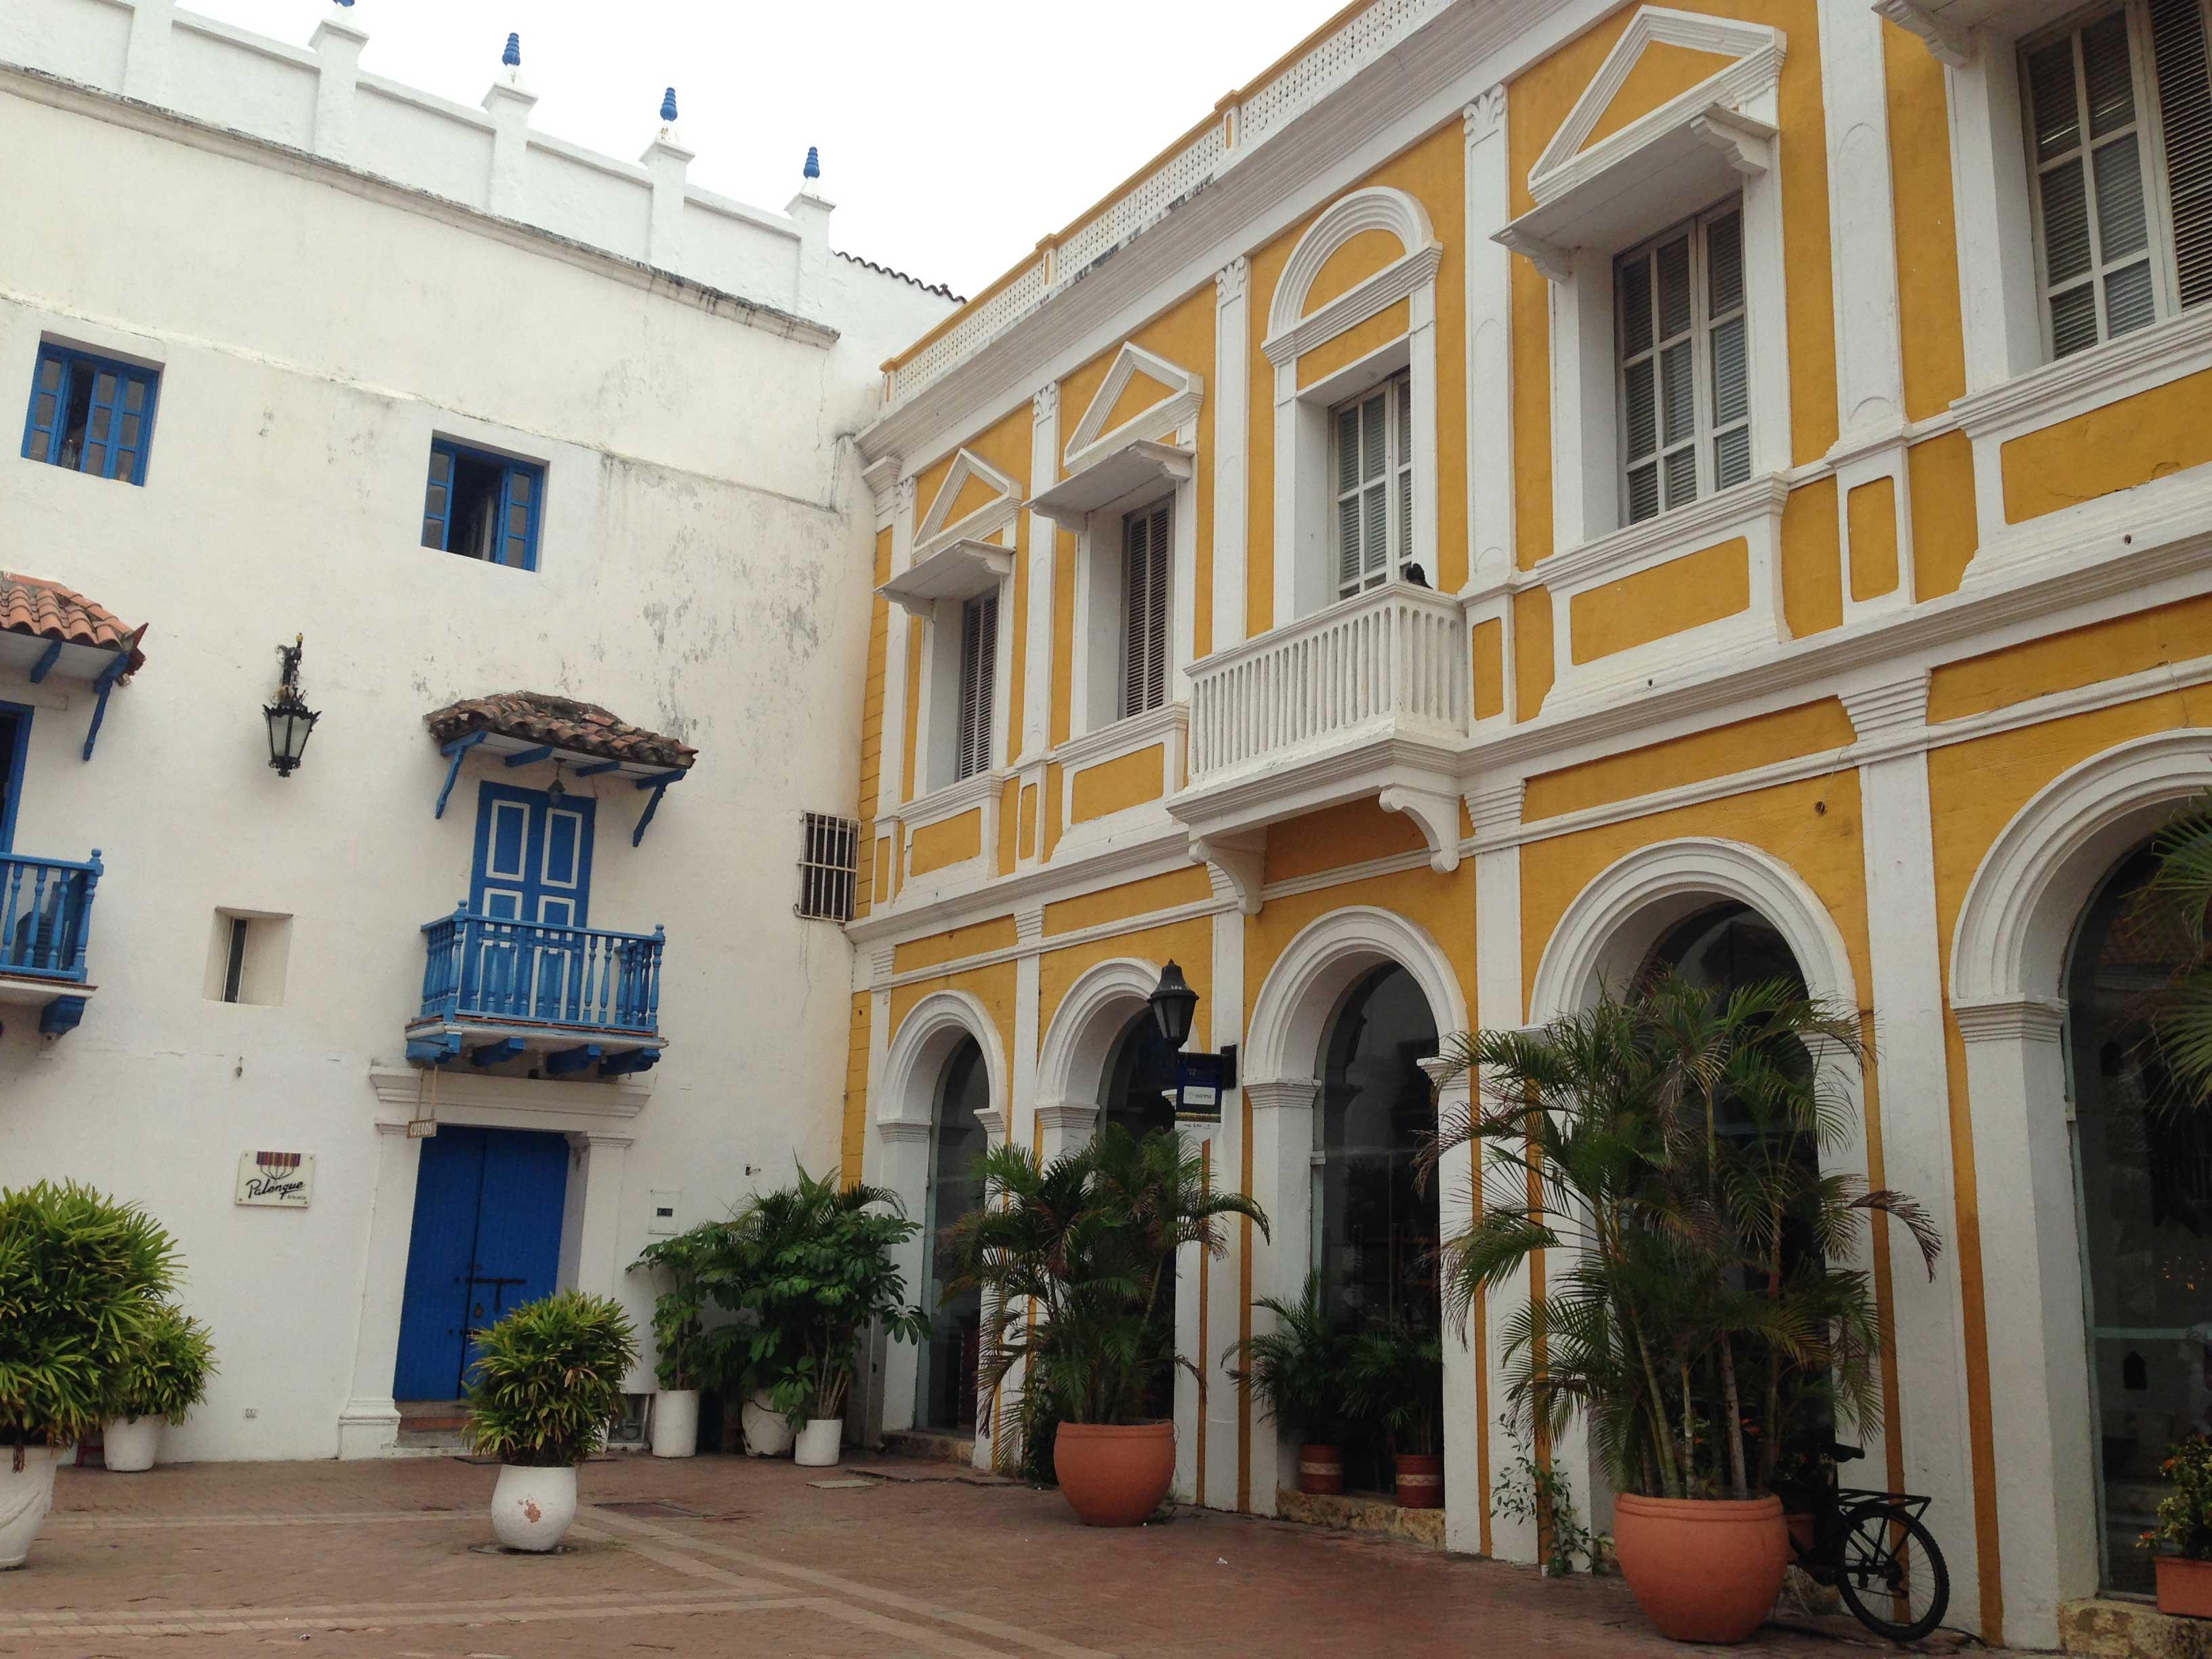 Arquitetura colonial pode ser vista em toda a cidade